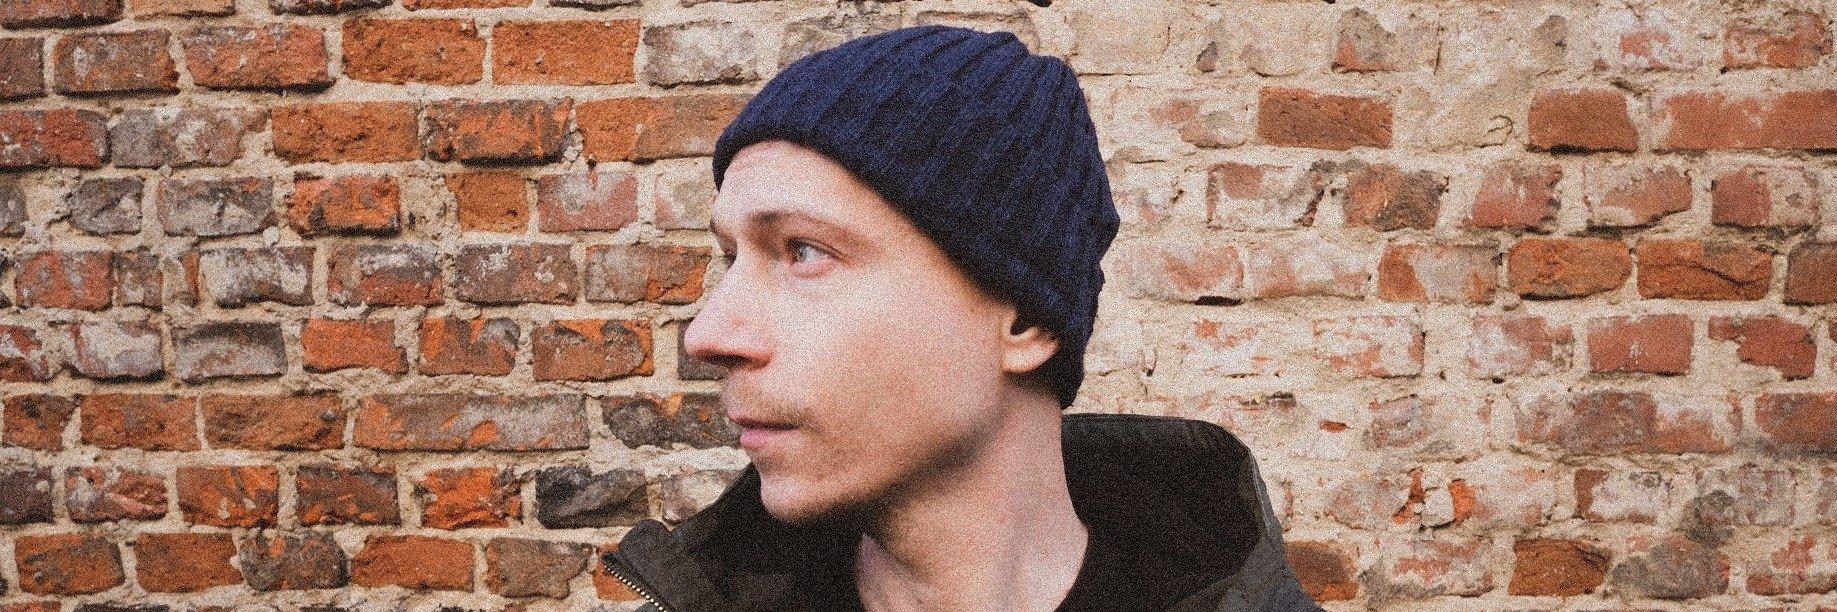 """Jakub Skorupa """"Wypowiedzenie z korpo"""" napisał wierszem, żeby robić muzykę"""